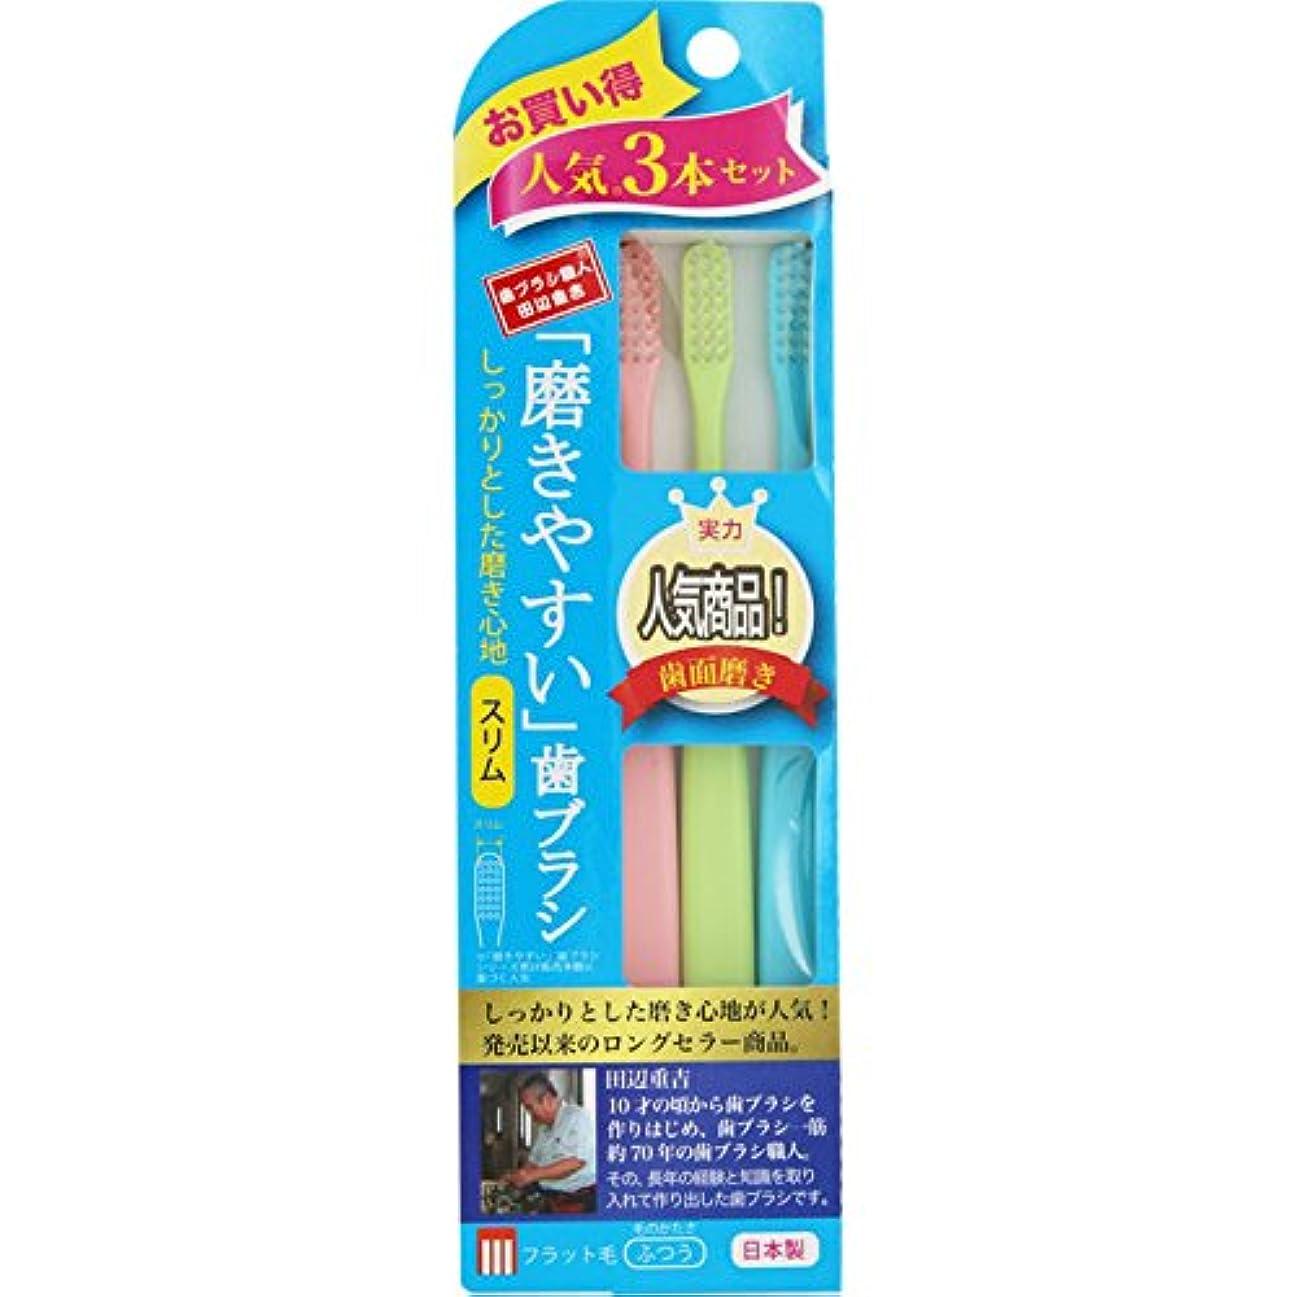 磨きやすい歯ブラシ フラット毛 スリム 3本組